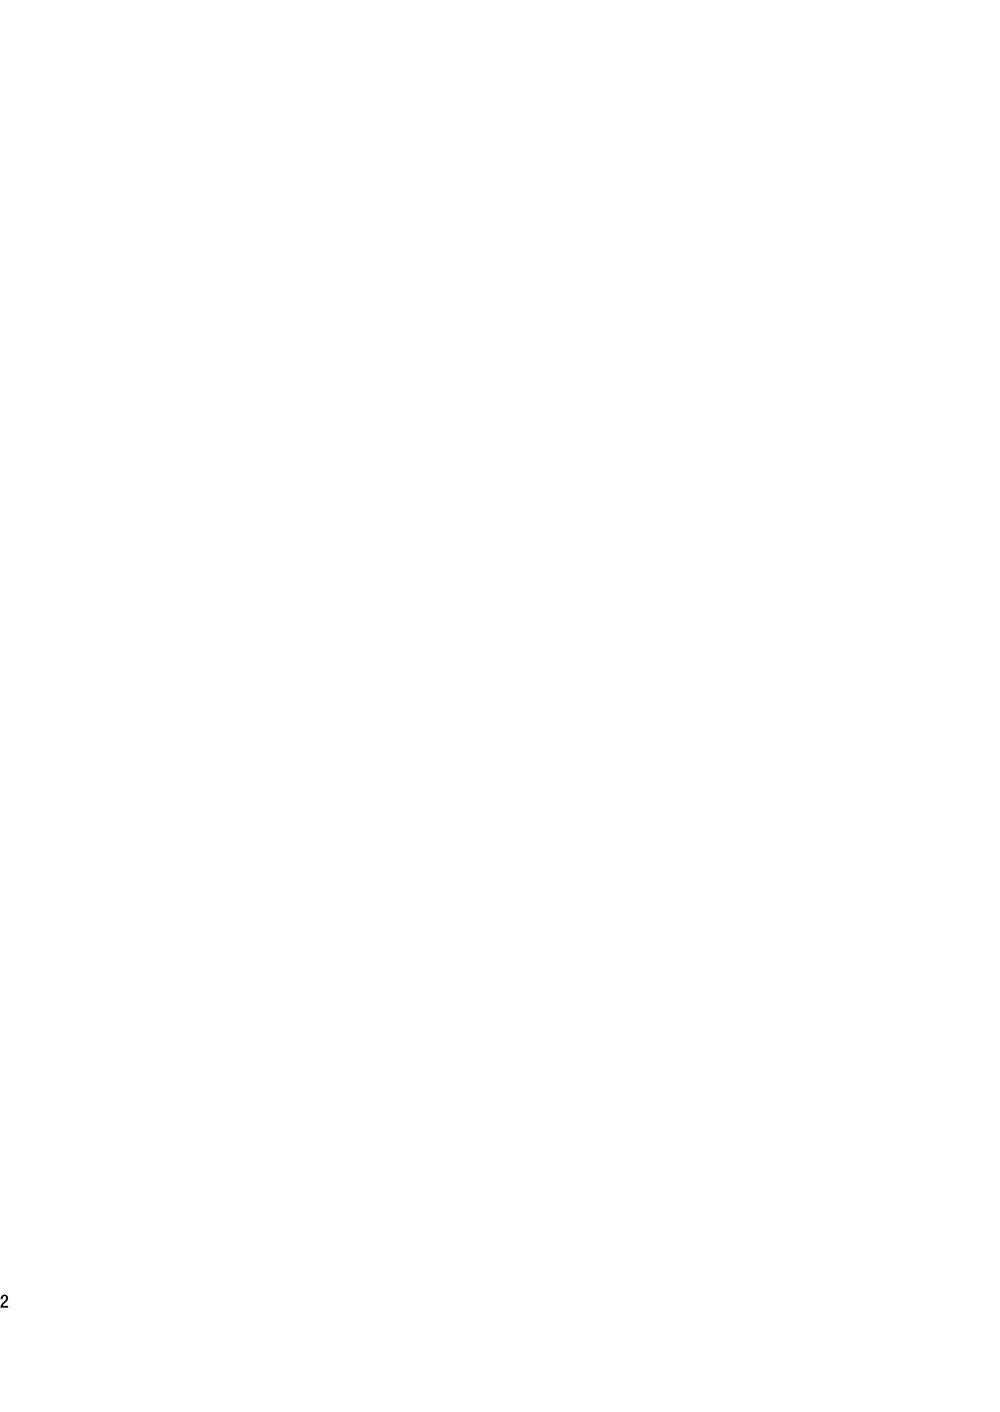 Gekkan Shounen Zoom 2020-05 1